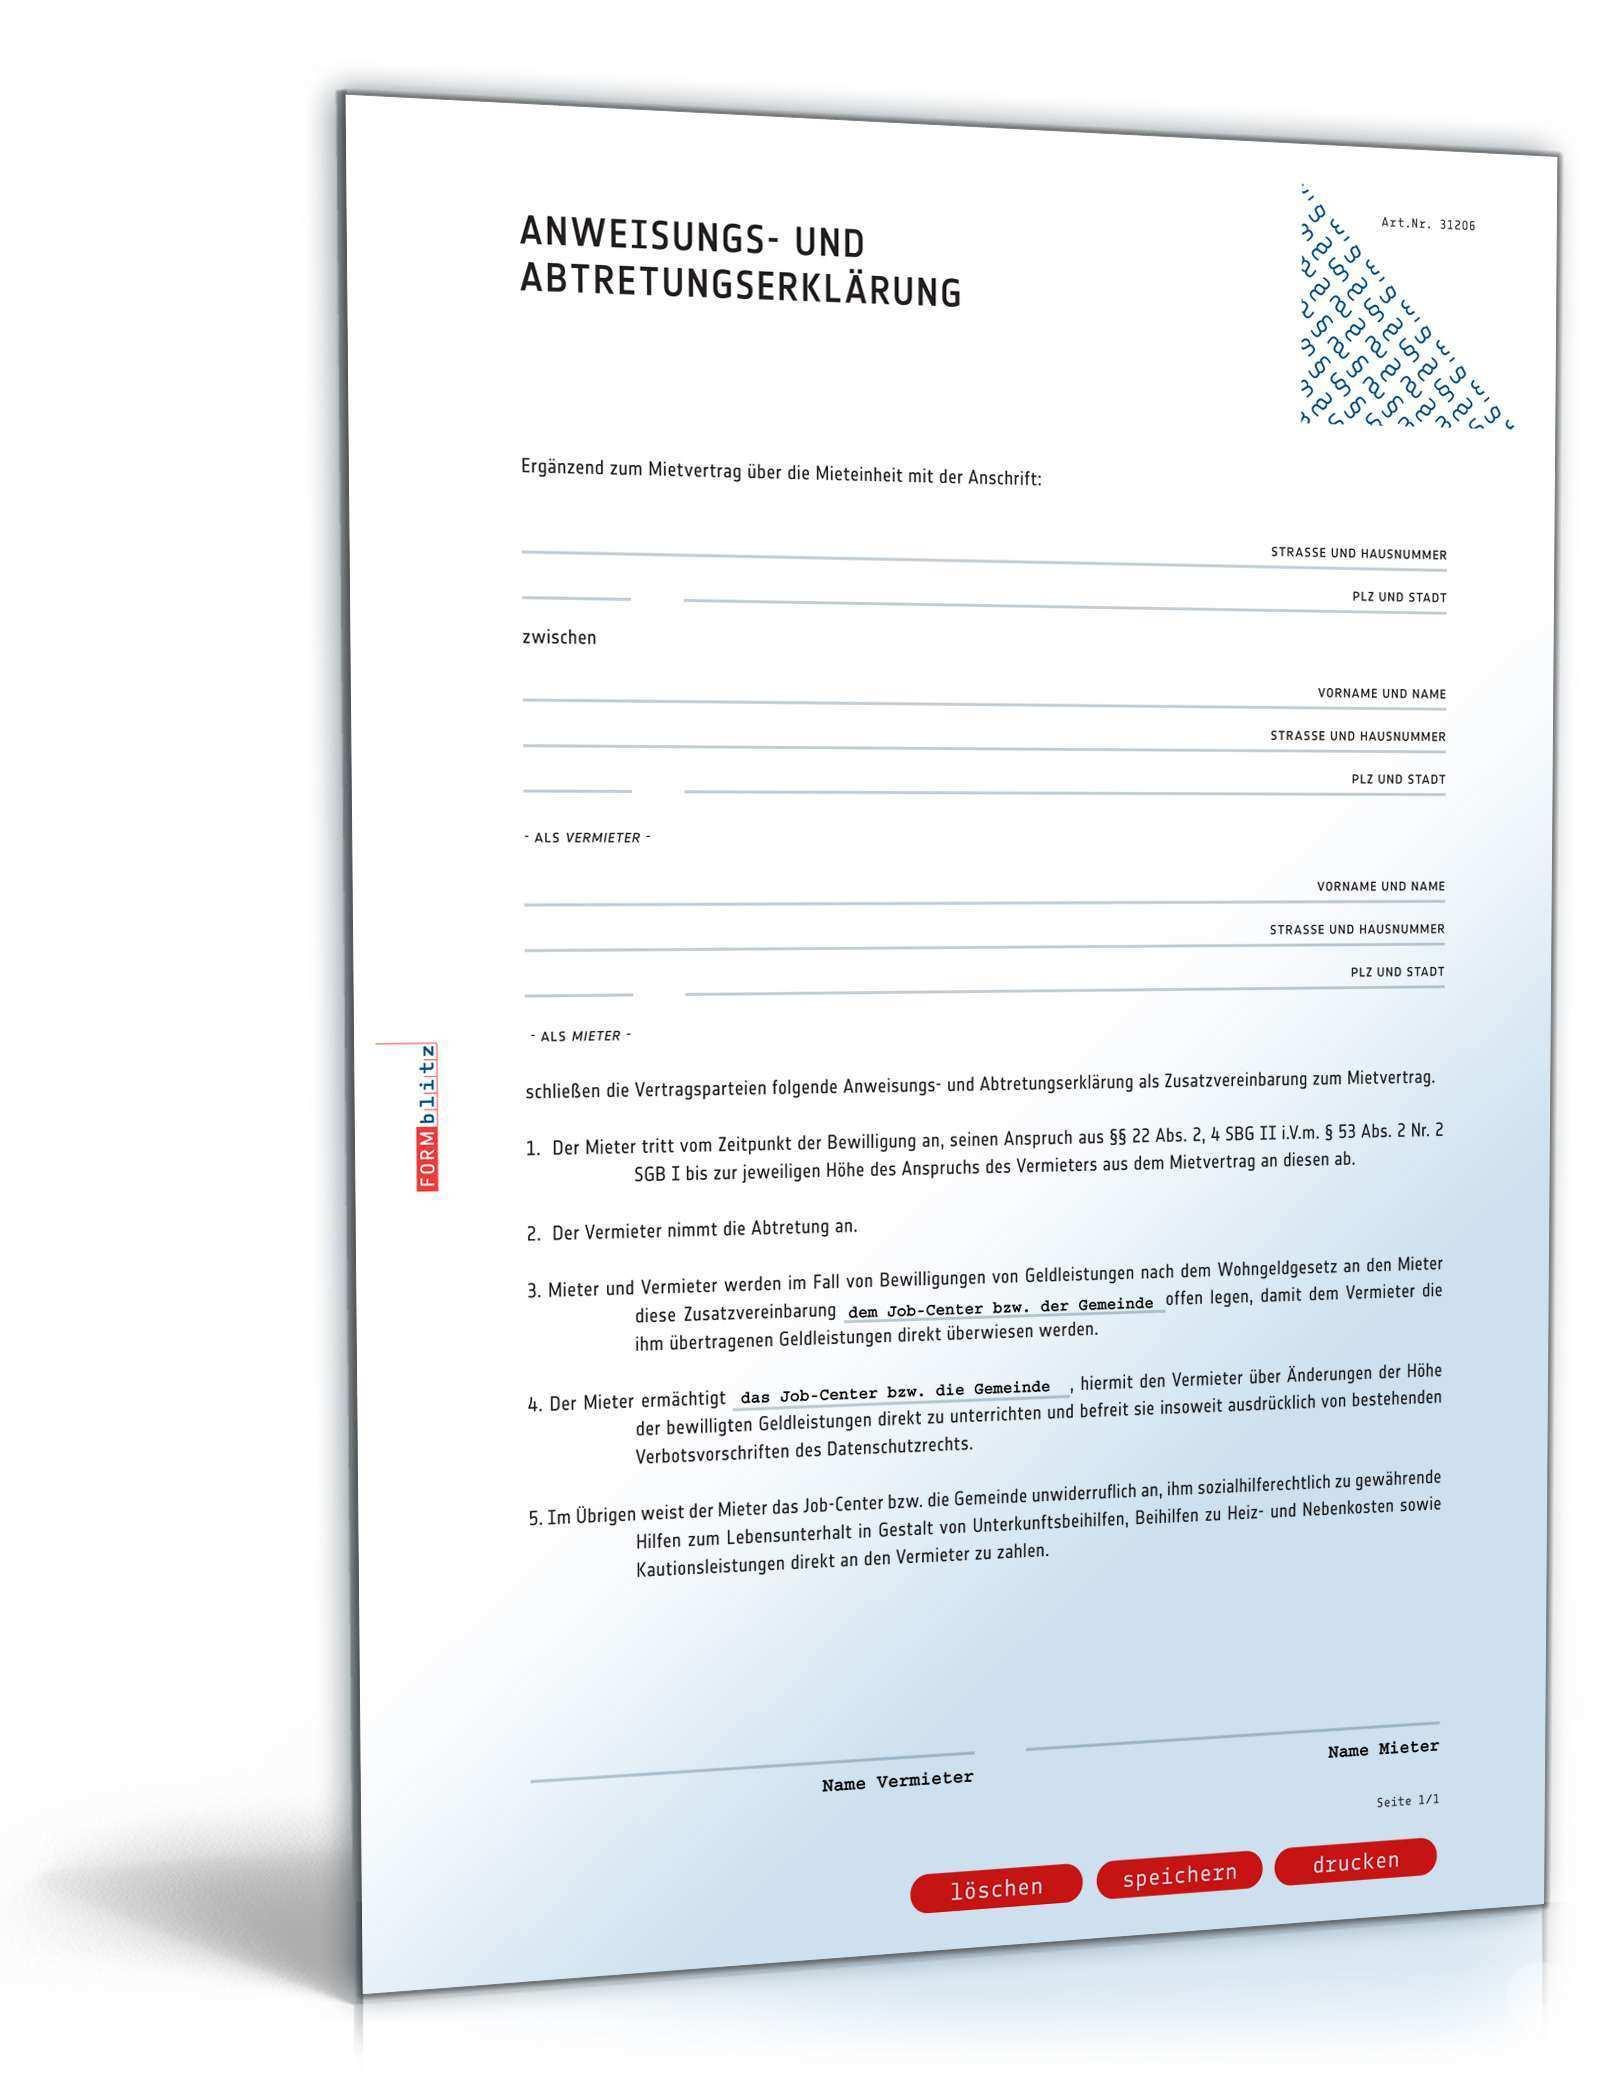 Abtretungserklarung Wohngeld Vorlage Zum Download